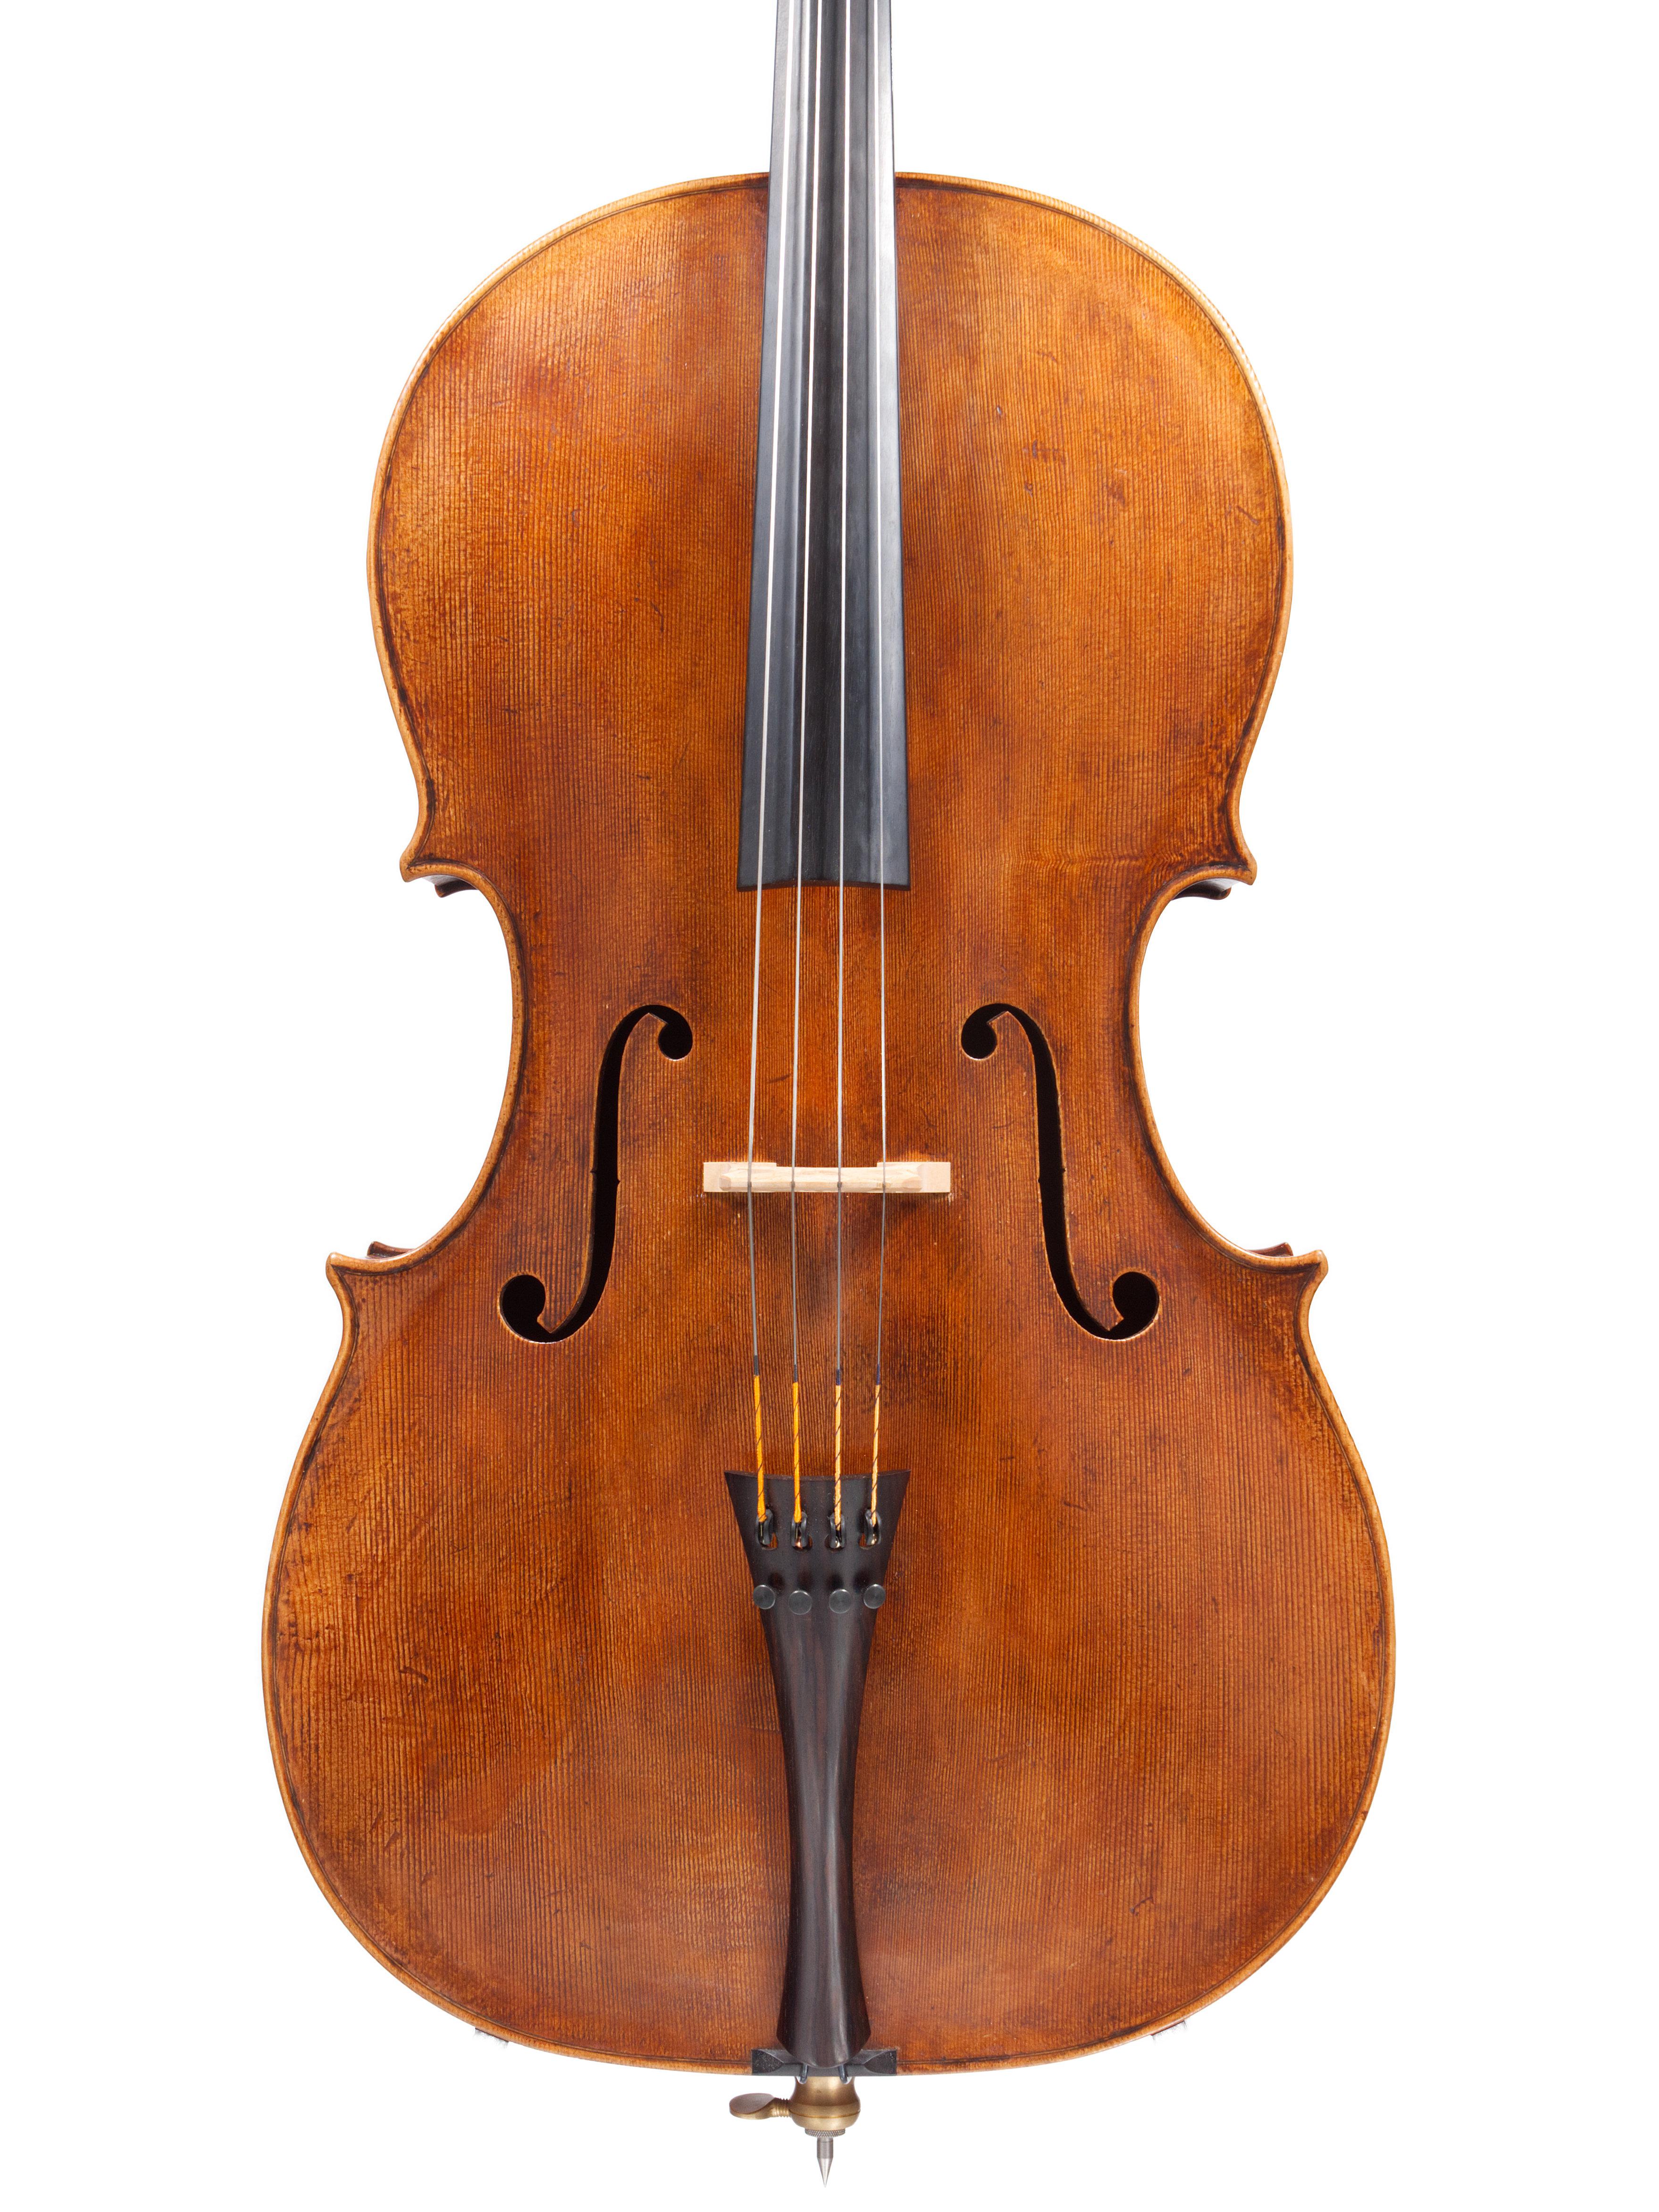 Cello by Douglas MacArthur, 2017